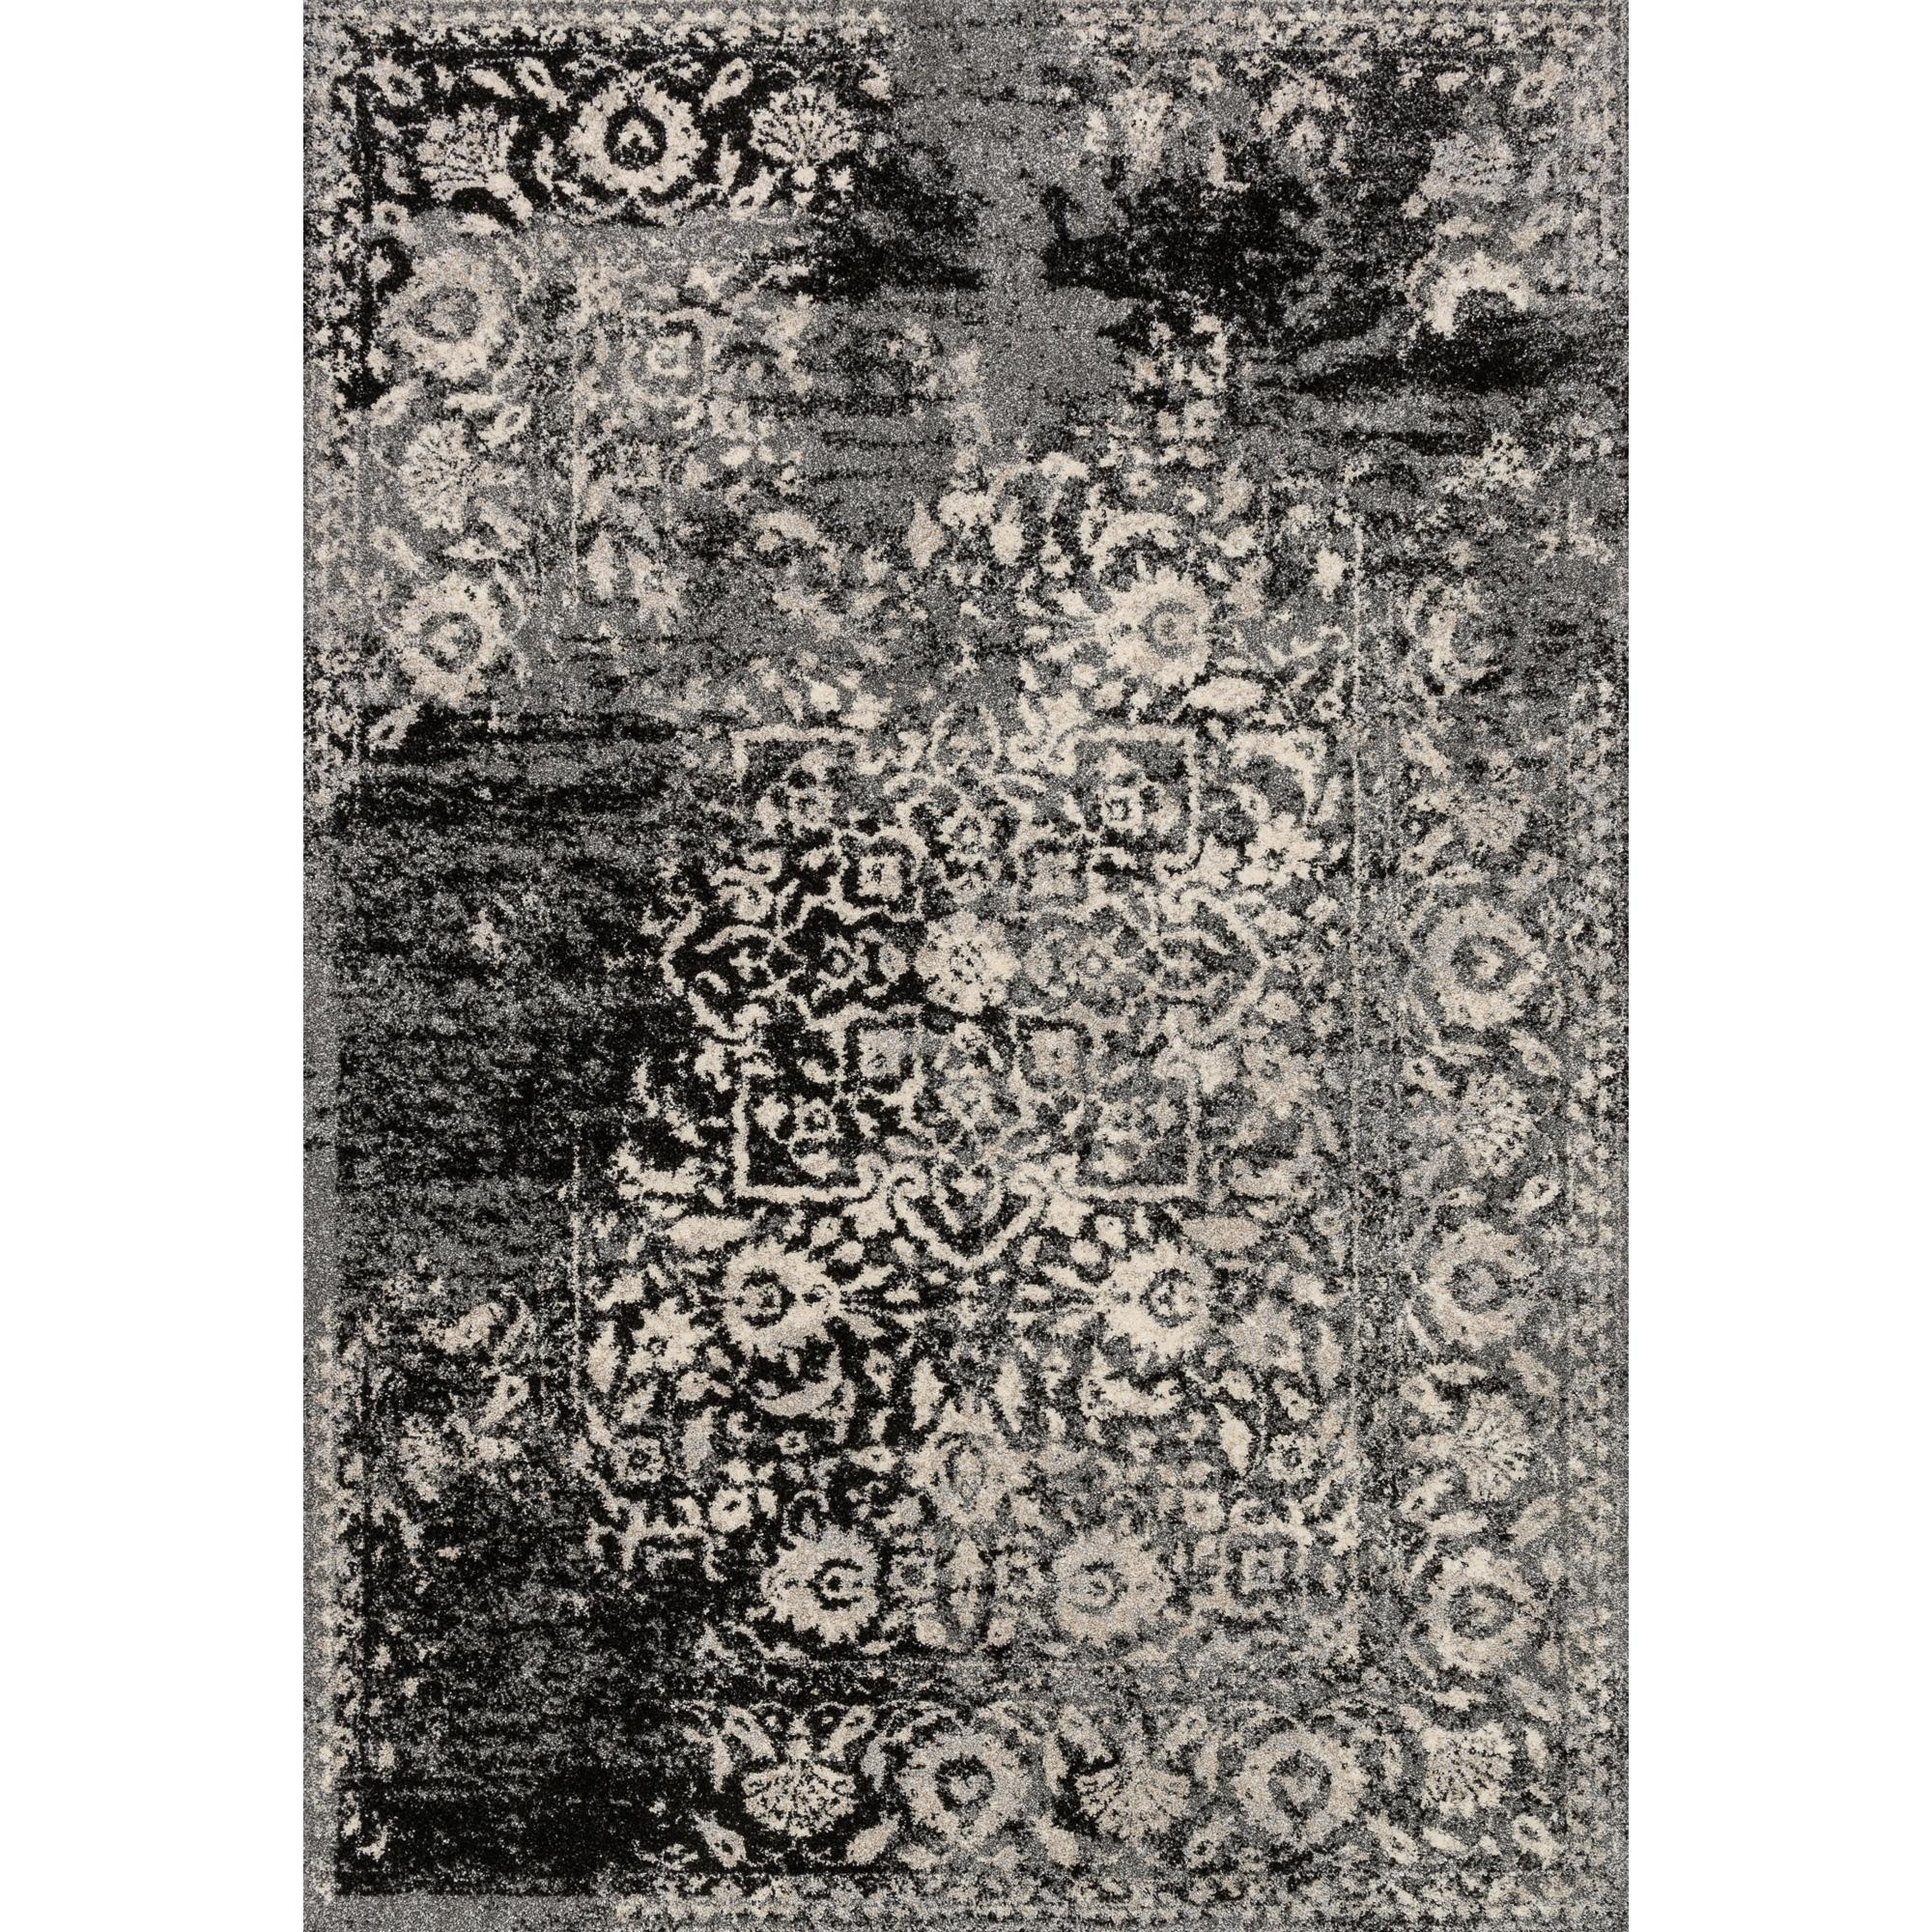 Loloi | Emory Black 5x8 Area Rug